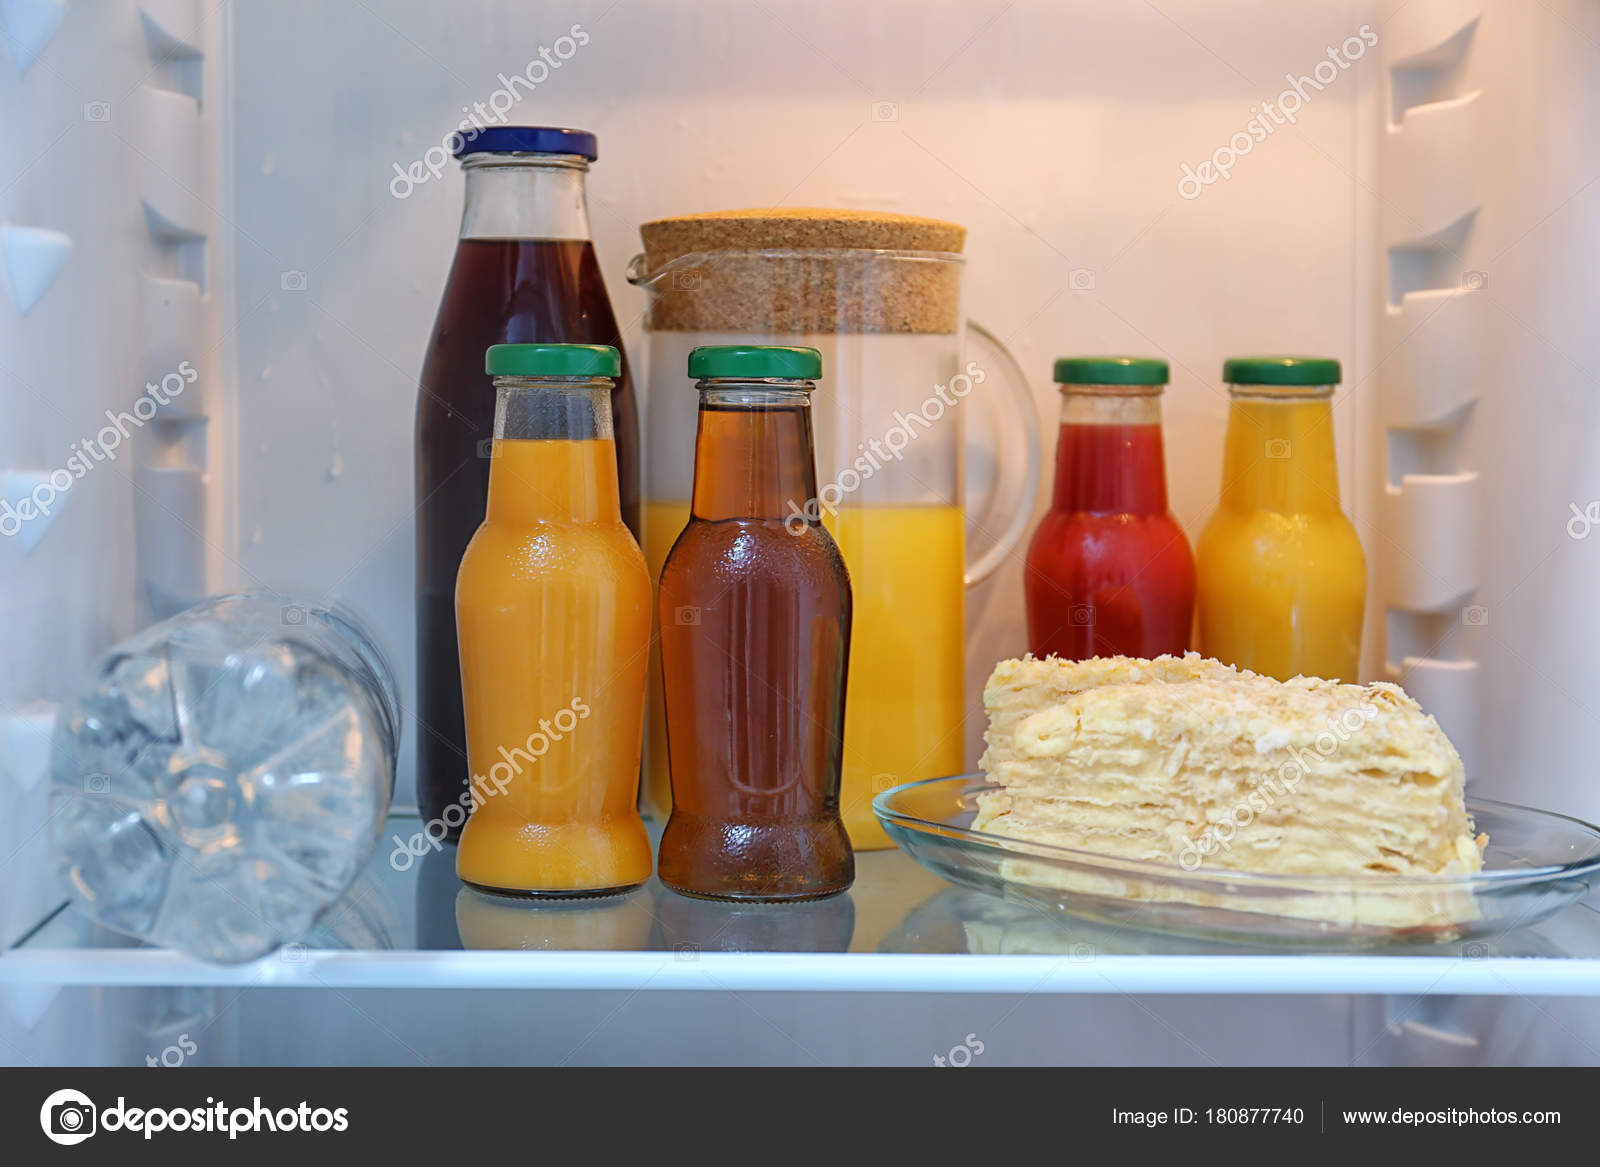 Kühlschrank Regal : Getränke und kuchen kühlschrank regal nahaufnahme u2014 stockfoto